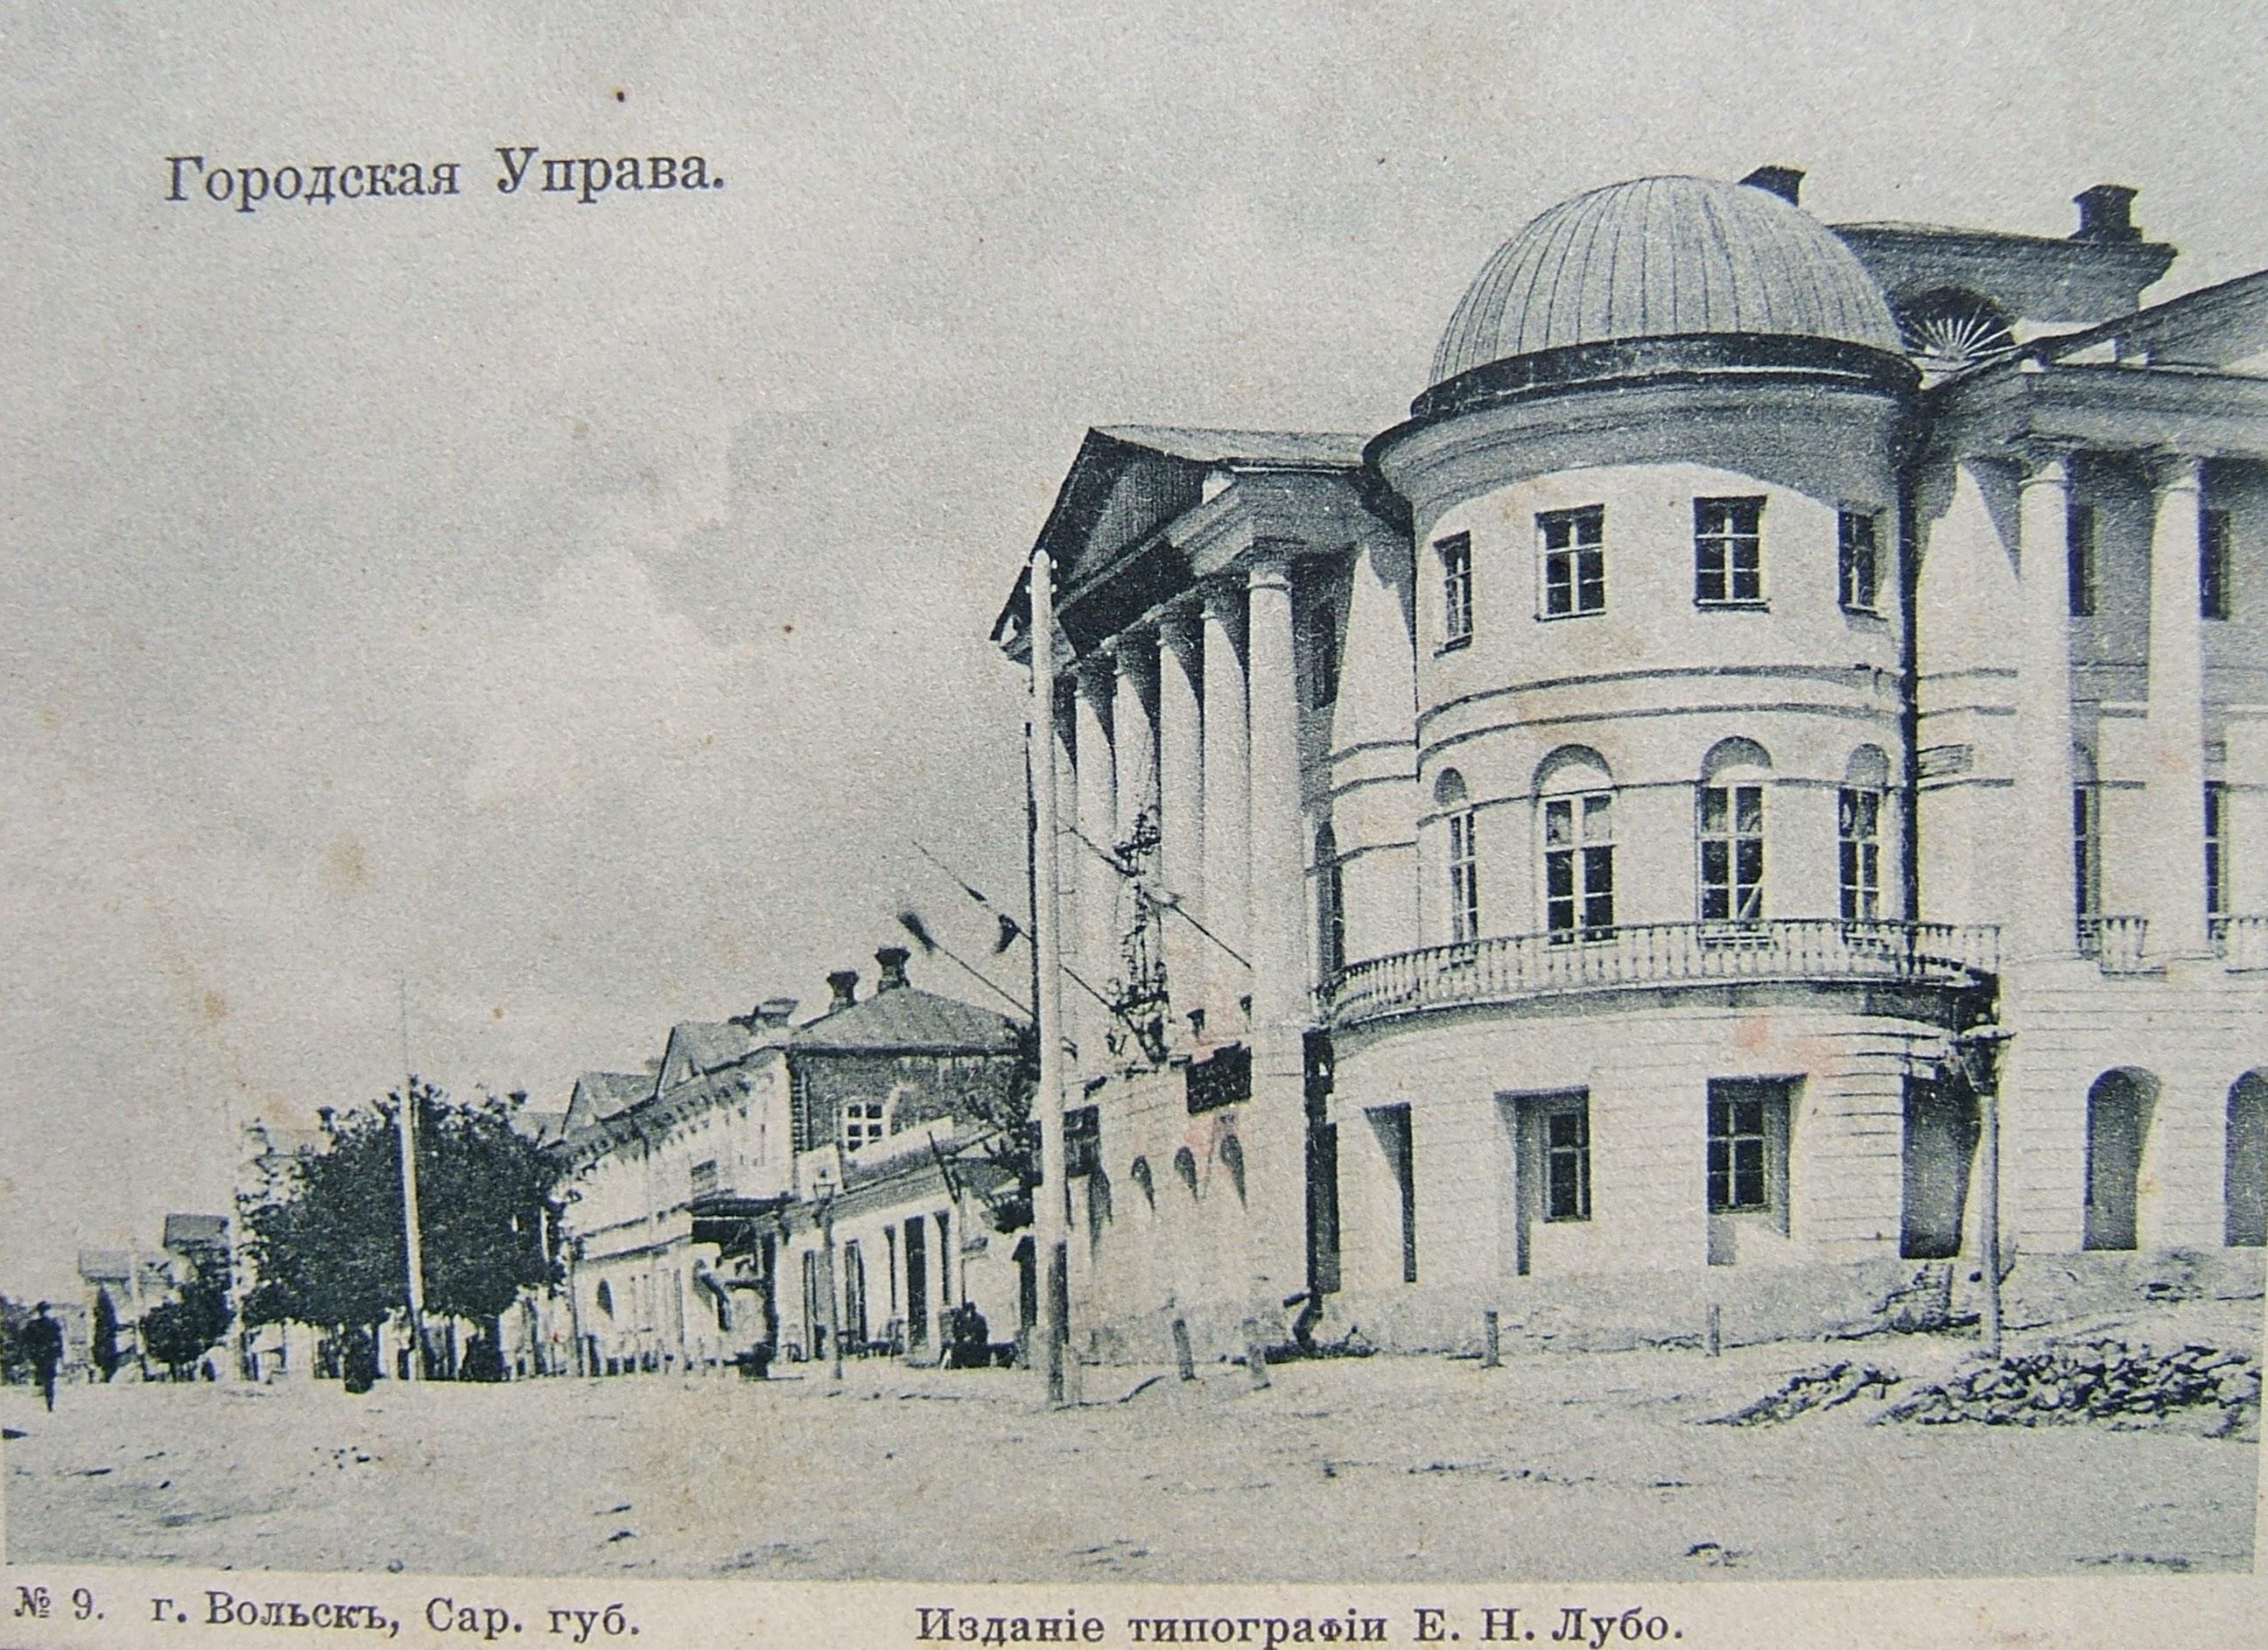 Городская Управа